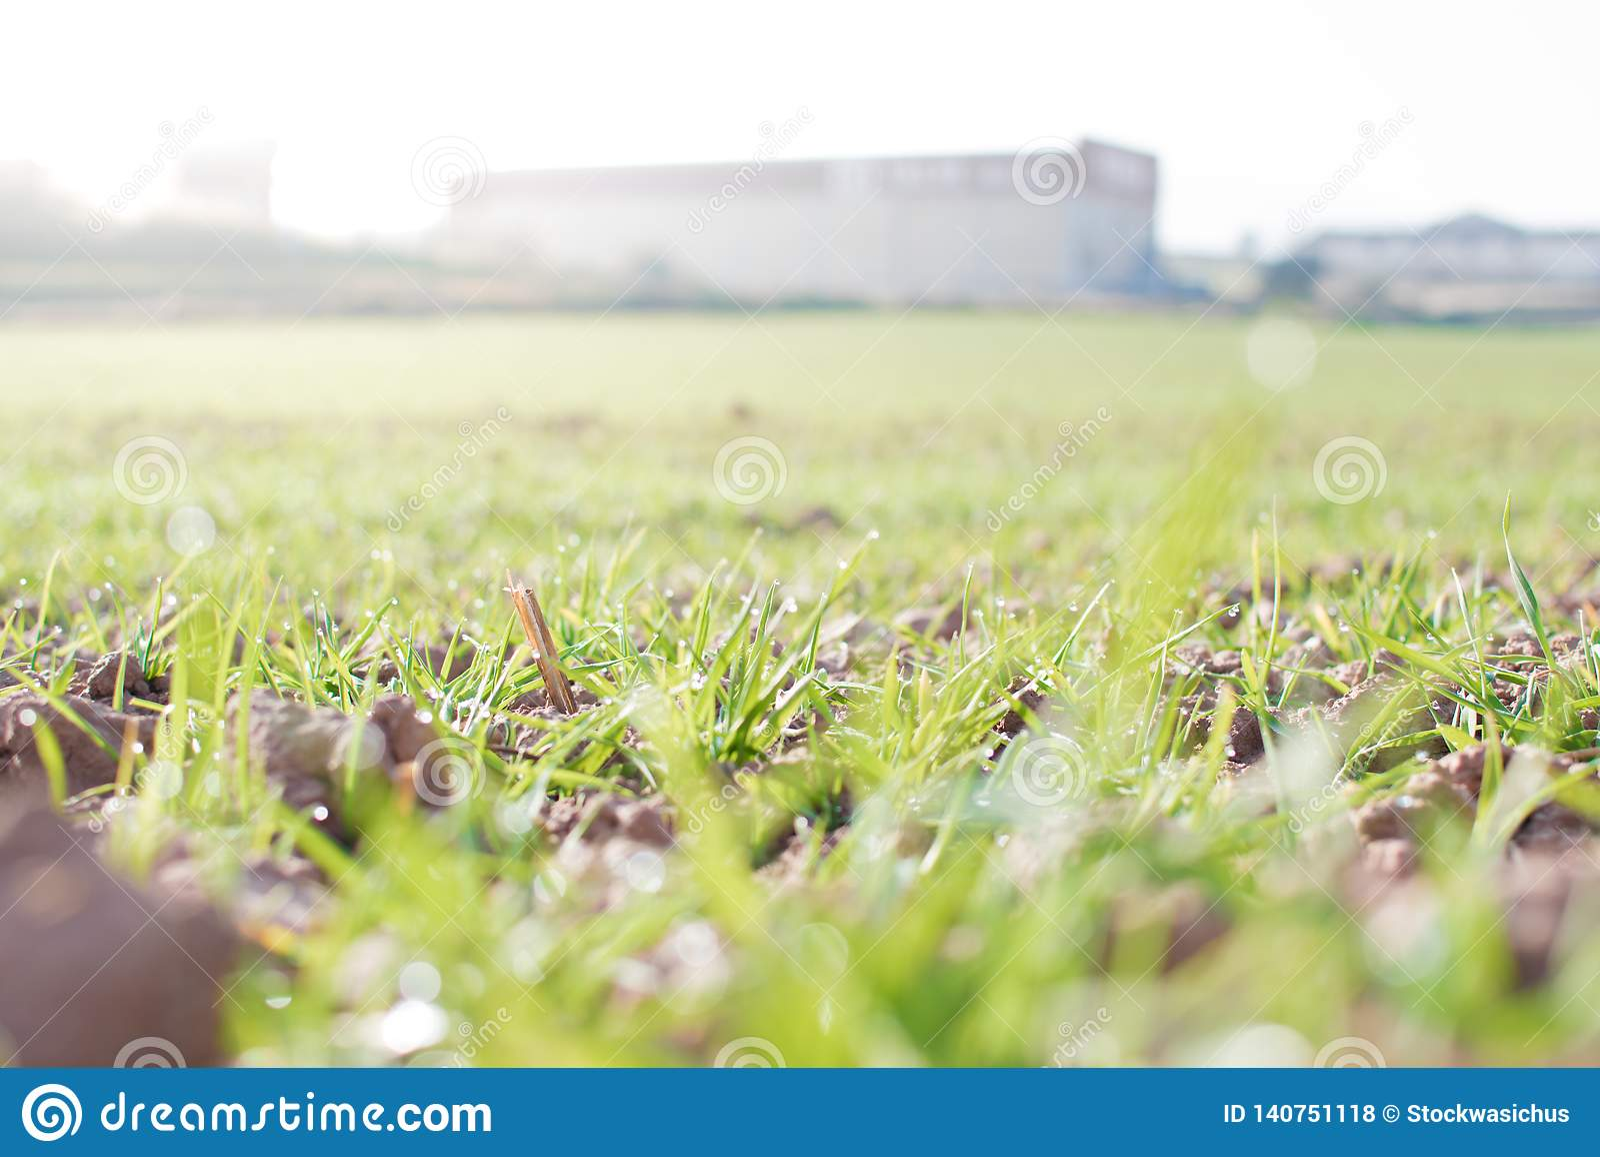 农田和产业背景 麦子新芽在庄稼的